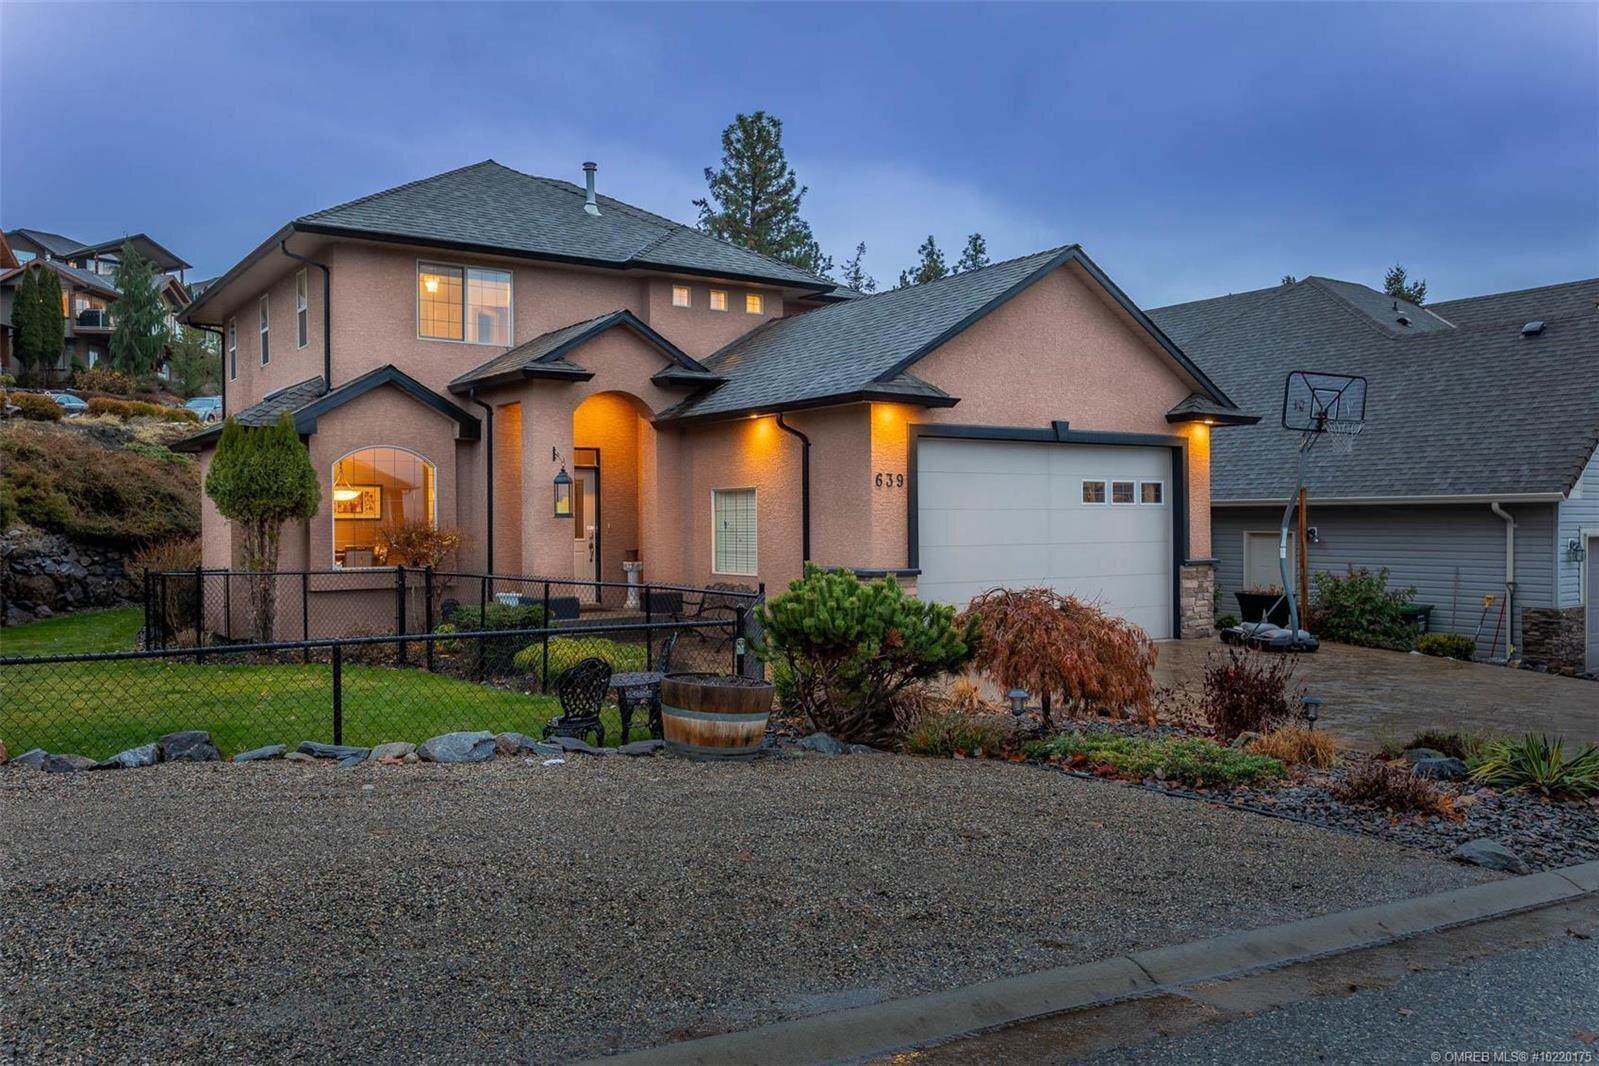 House for sale at 639 Benmore Pl Kelowna British Columbia - MLS: 10220175